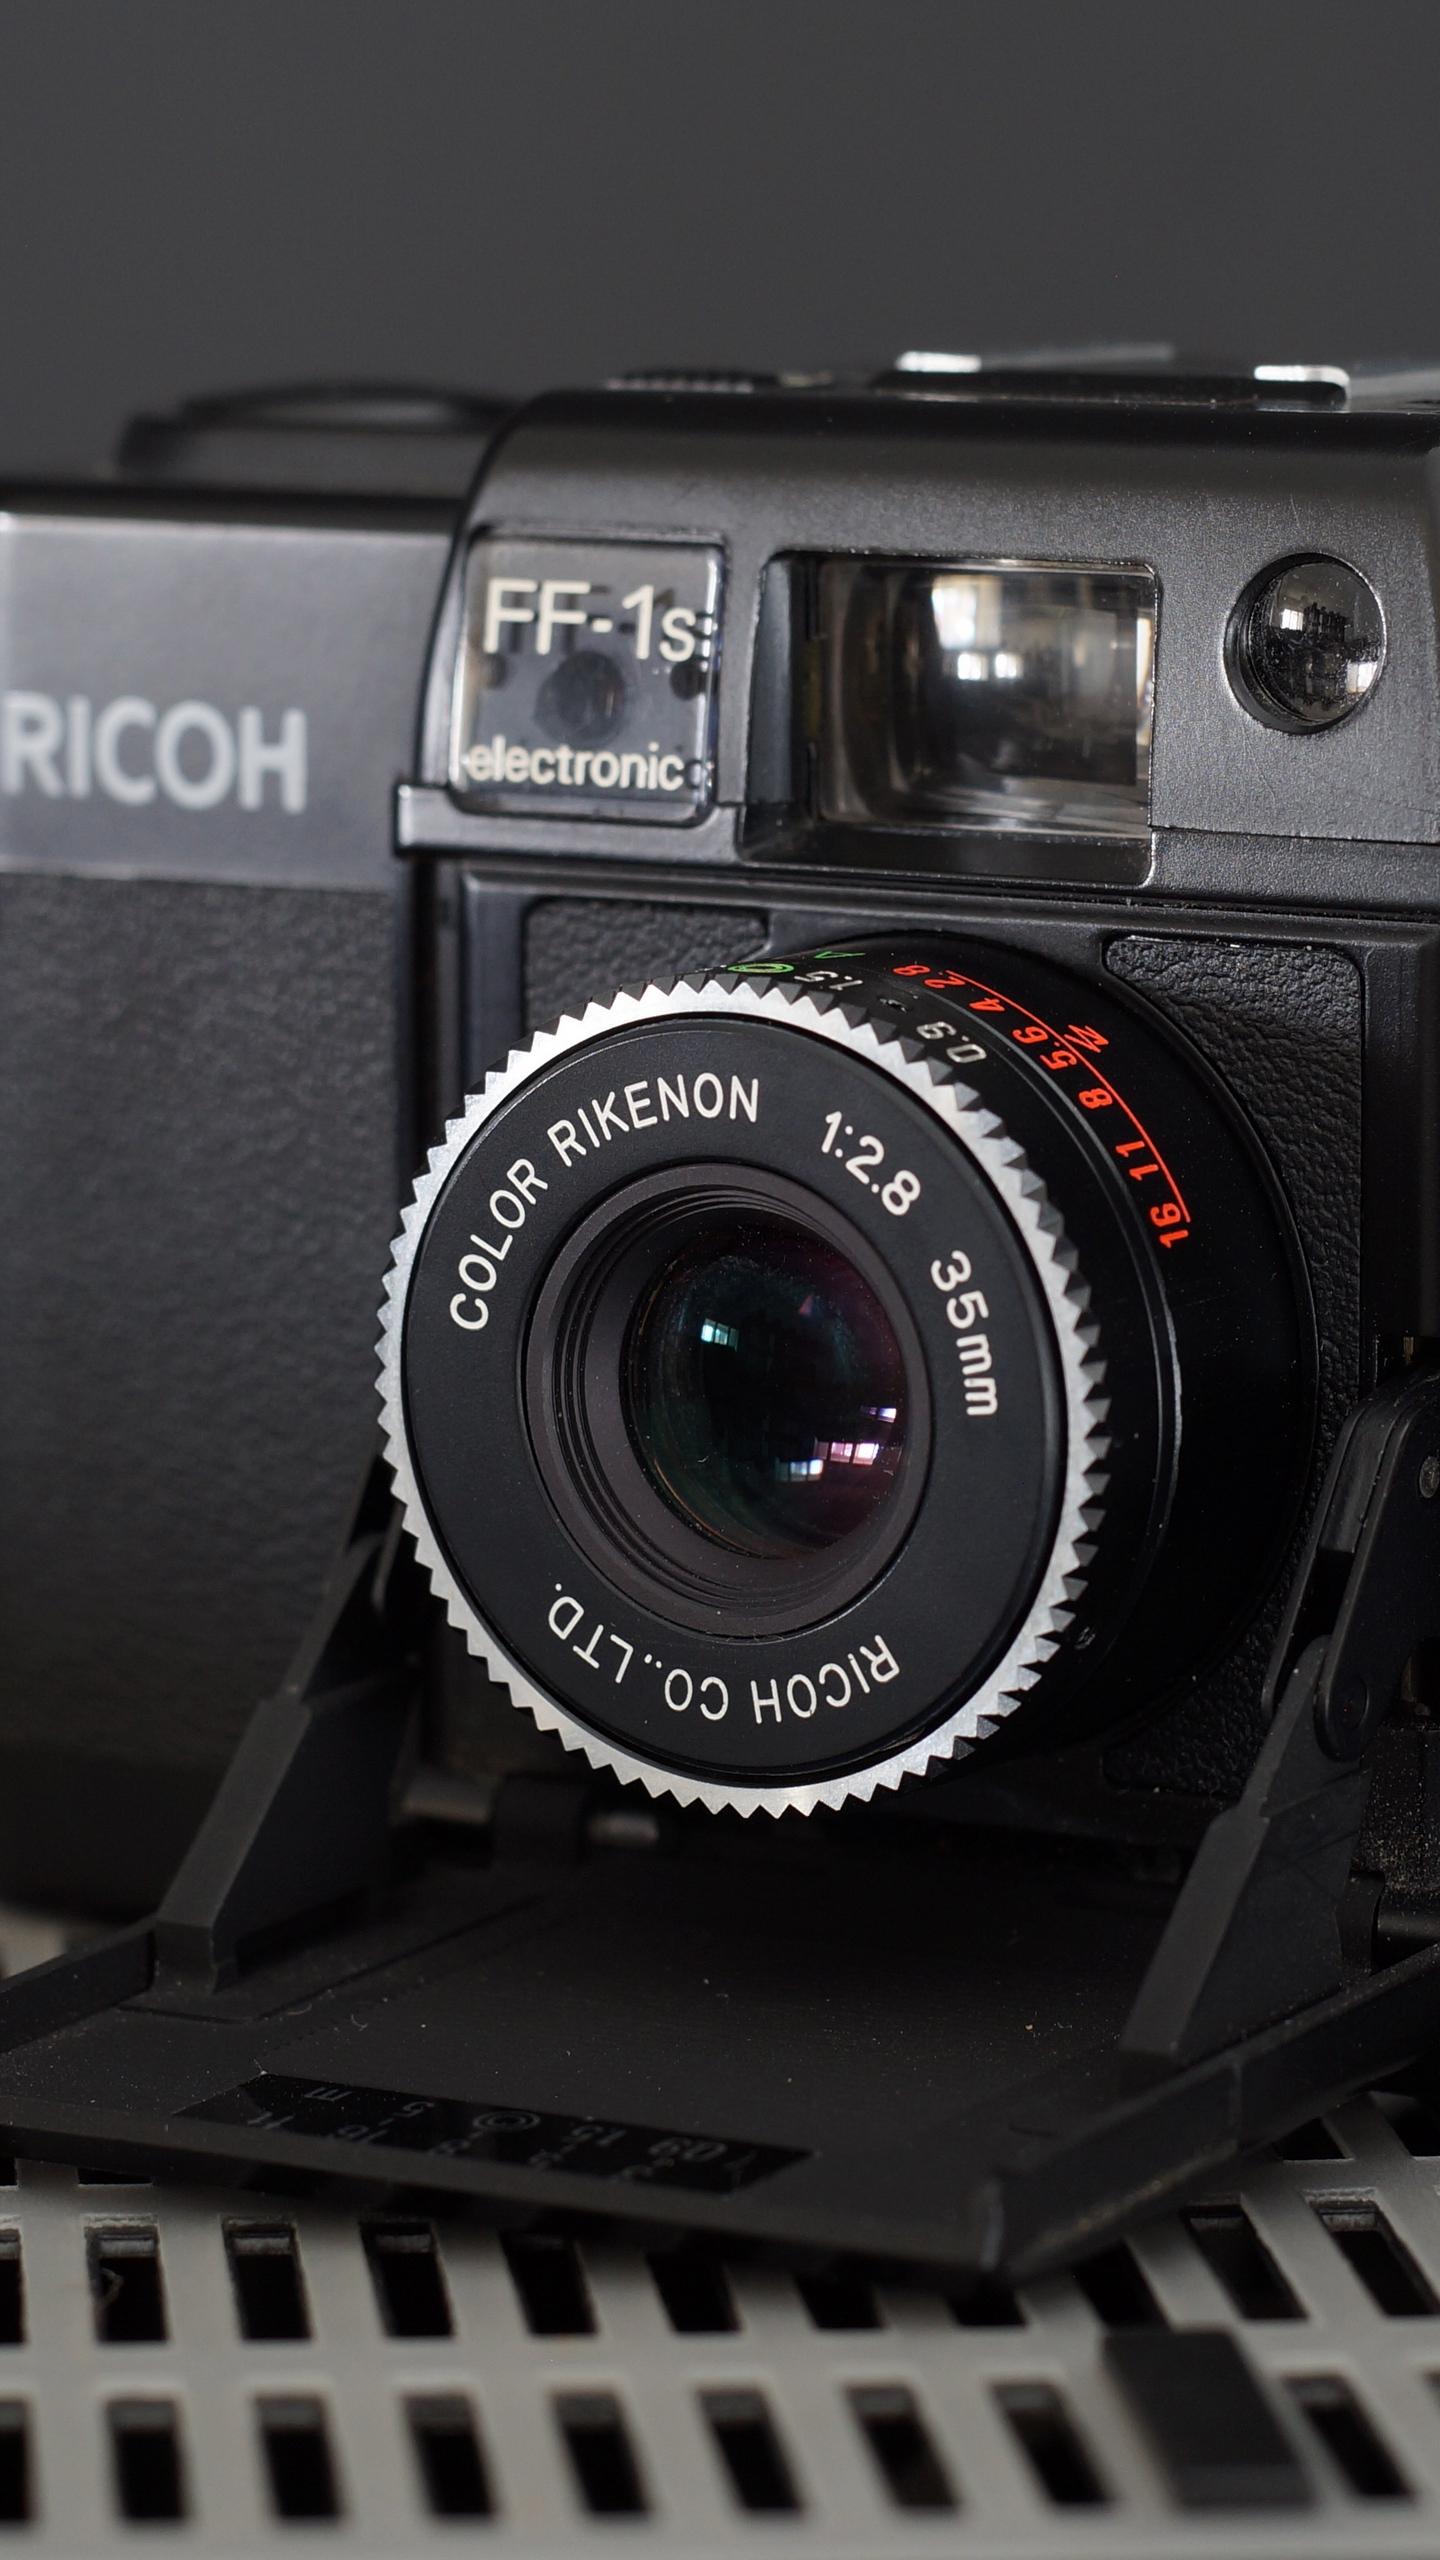 Download wallpaper 1440x2560 ricoh ff 1s camera lens qhd samsung 1440x2560